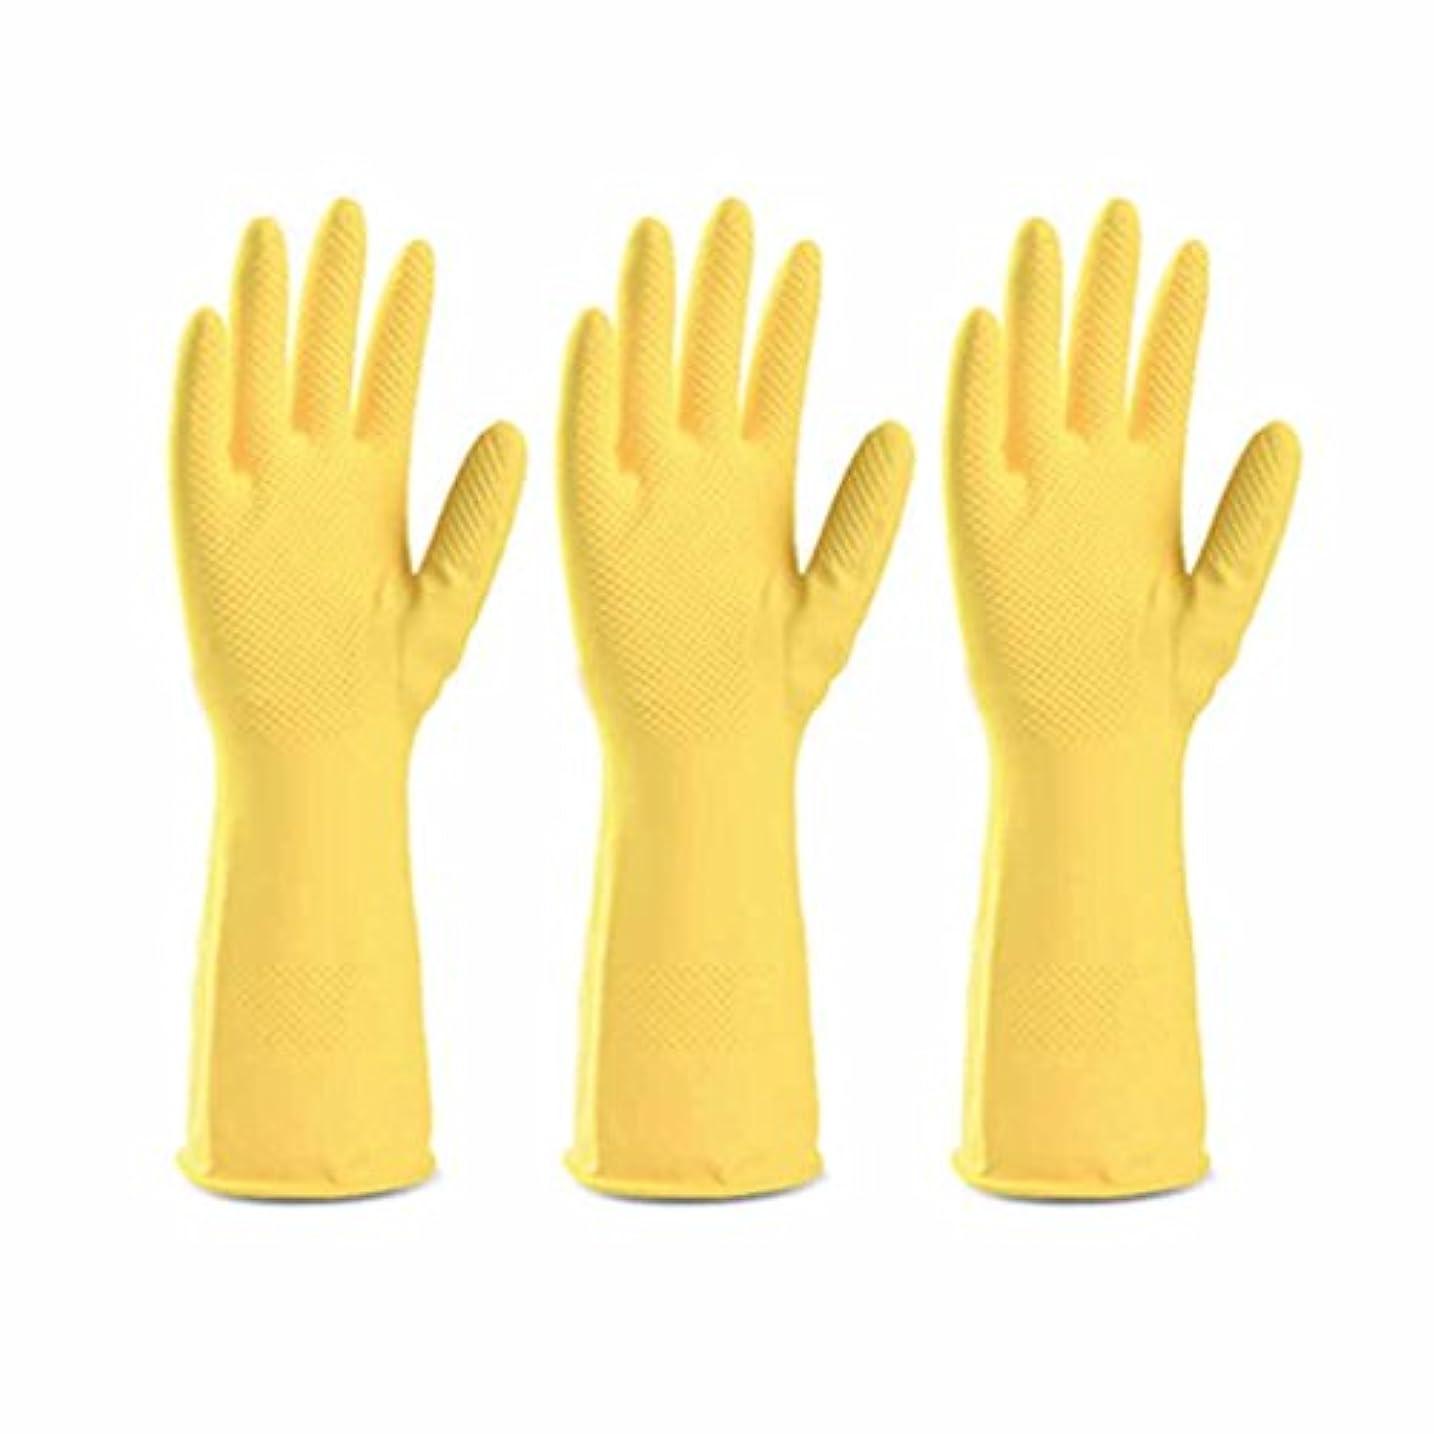 癒す感度悪夢使い捨て手袋 イエローラテックスノンスリップ耐久手袋キッチン多機能防水、オイル手袋 (Size : Three pairs)